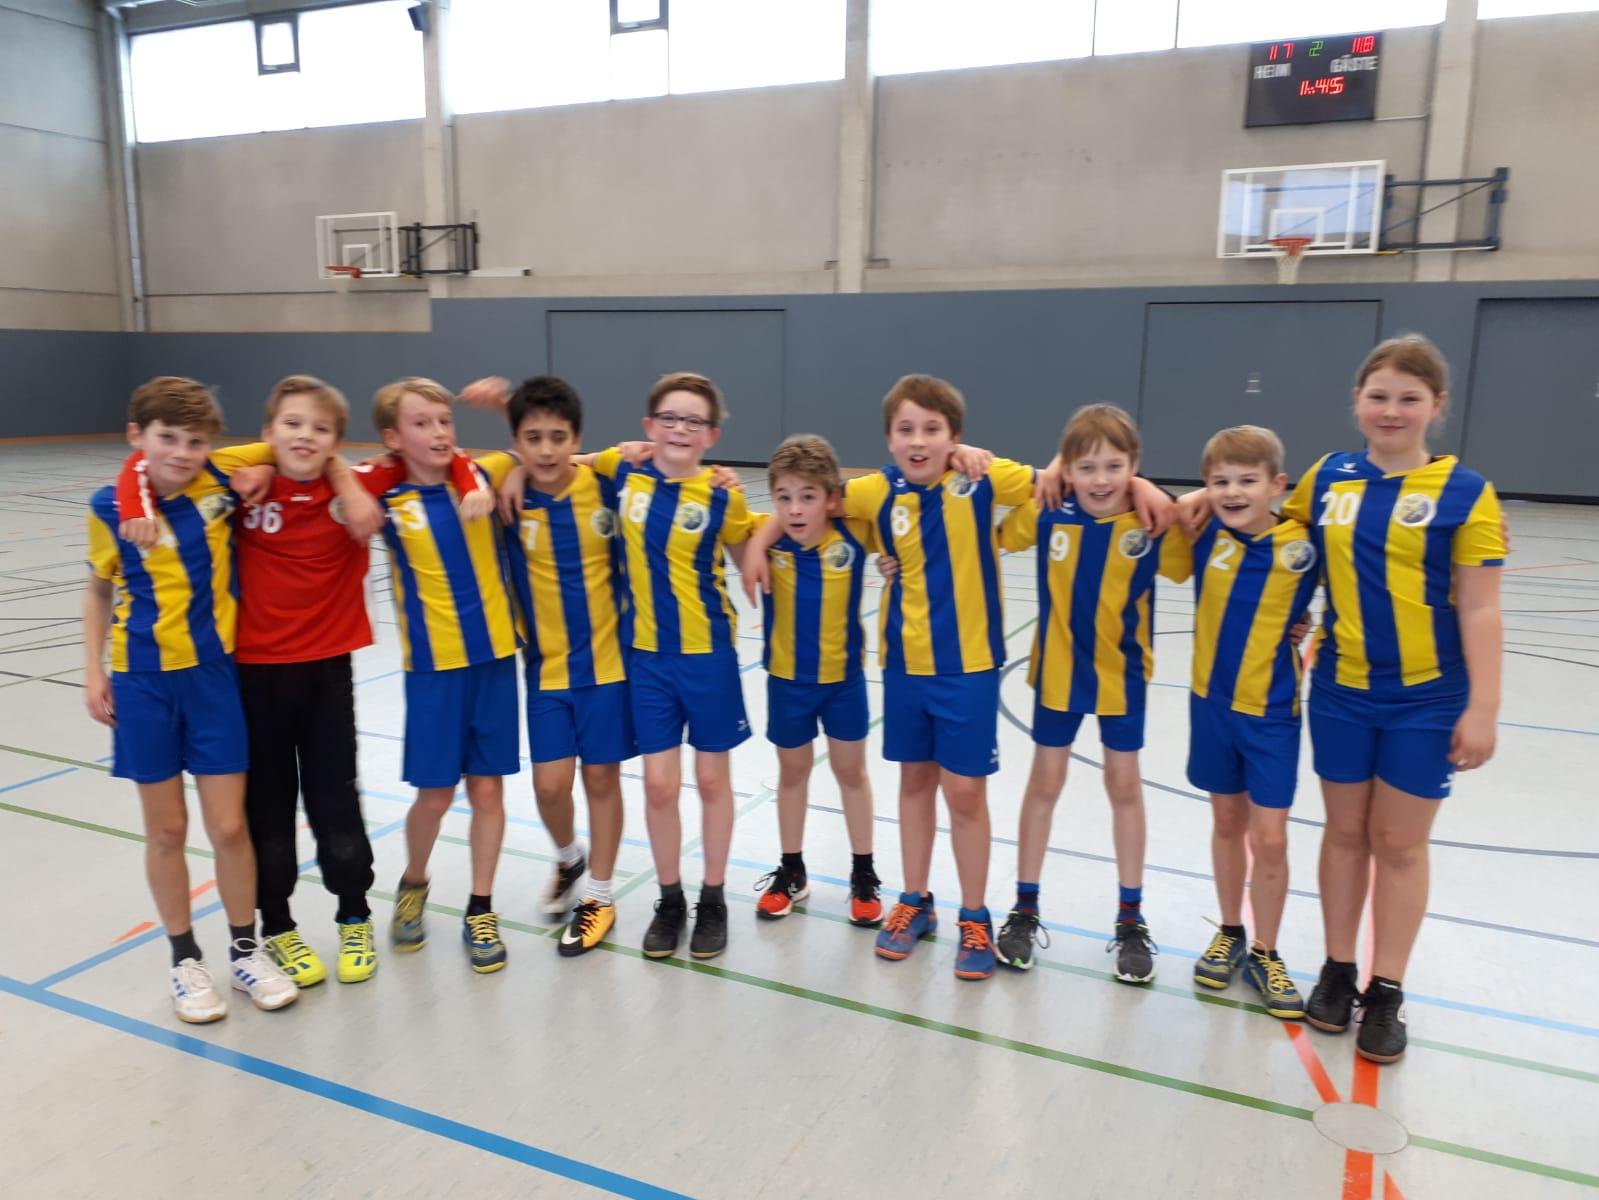 Handball E-Jugend HSG Gremmendorf Angelmodde gegen Kattenvenne